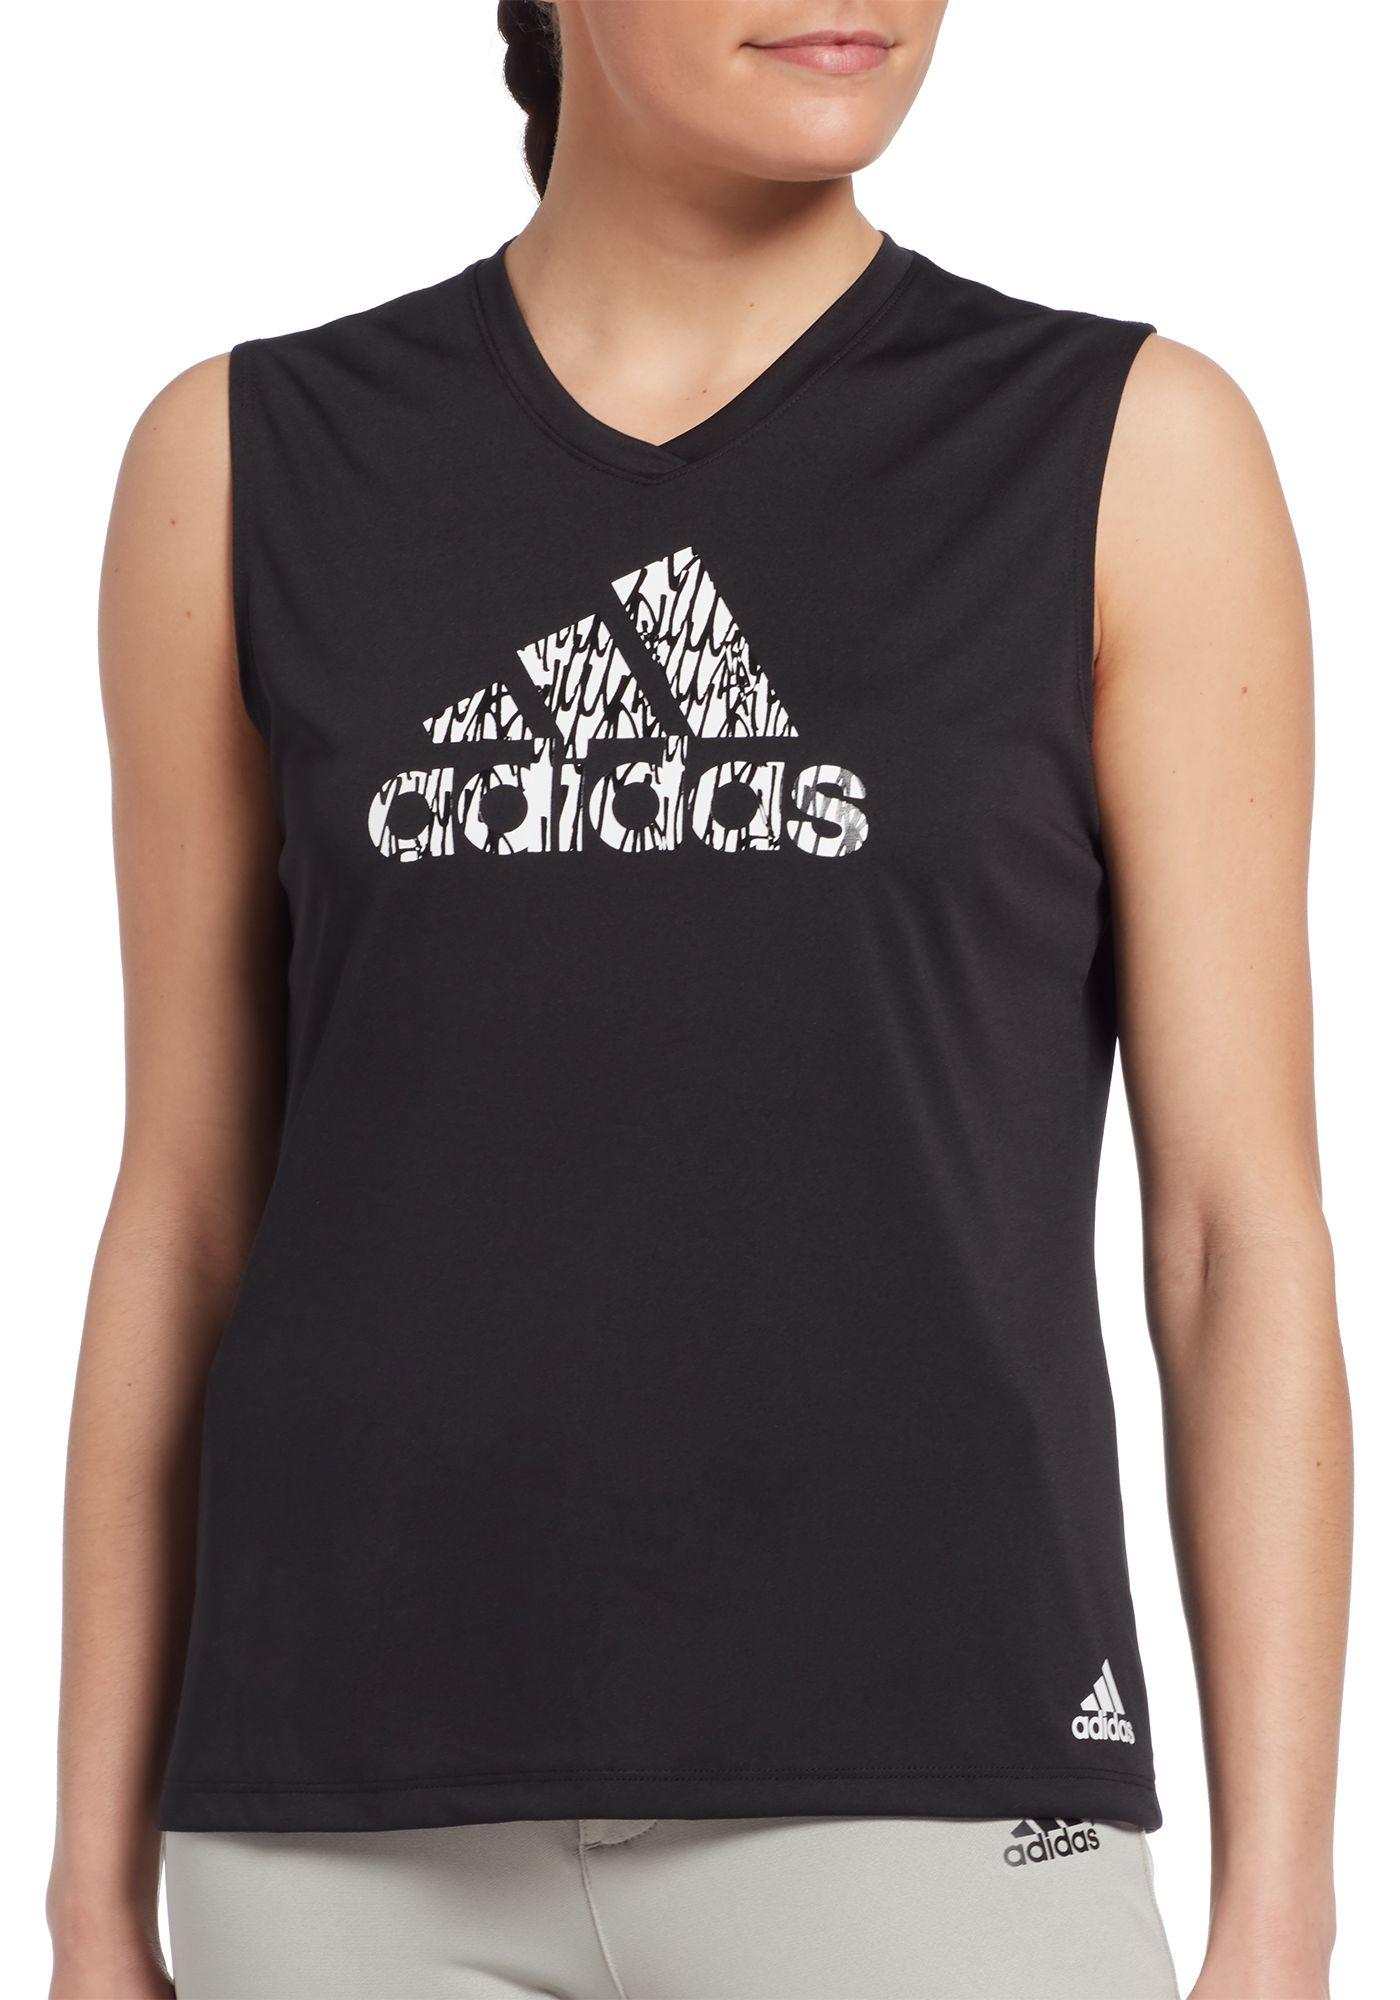 adidas Women's Sleeveless Softball Graphic T-Shirt